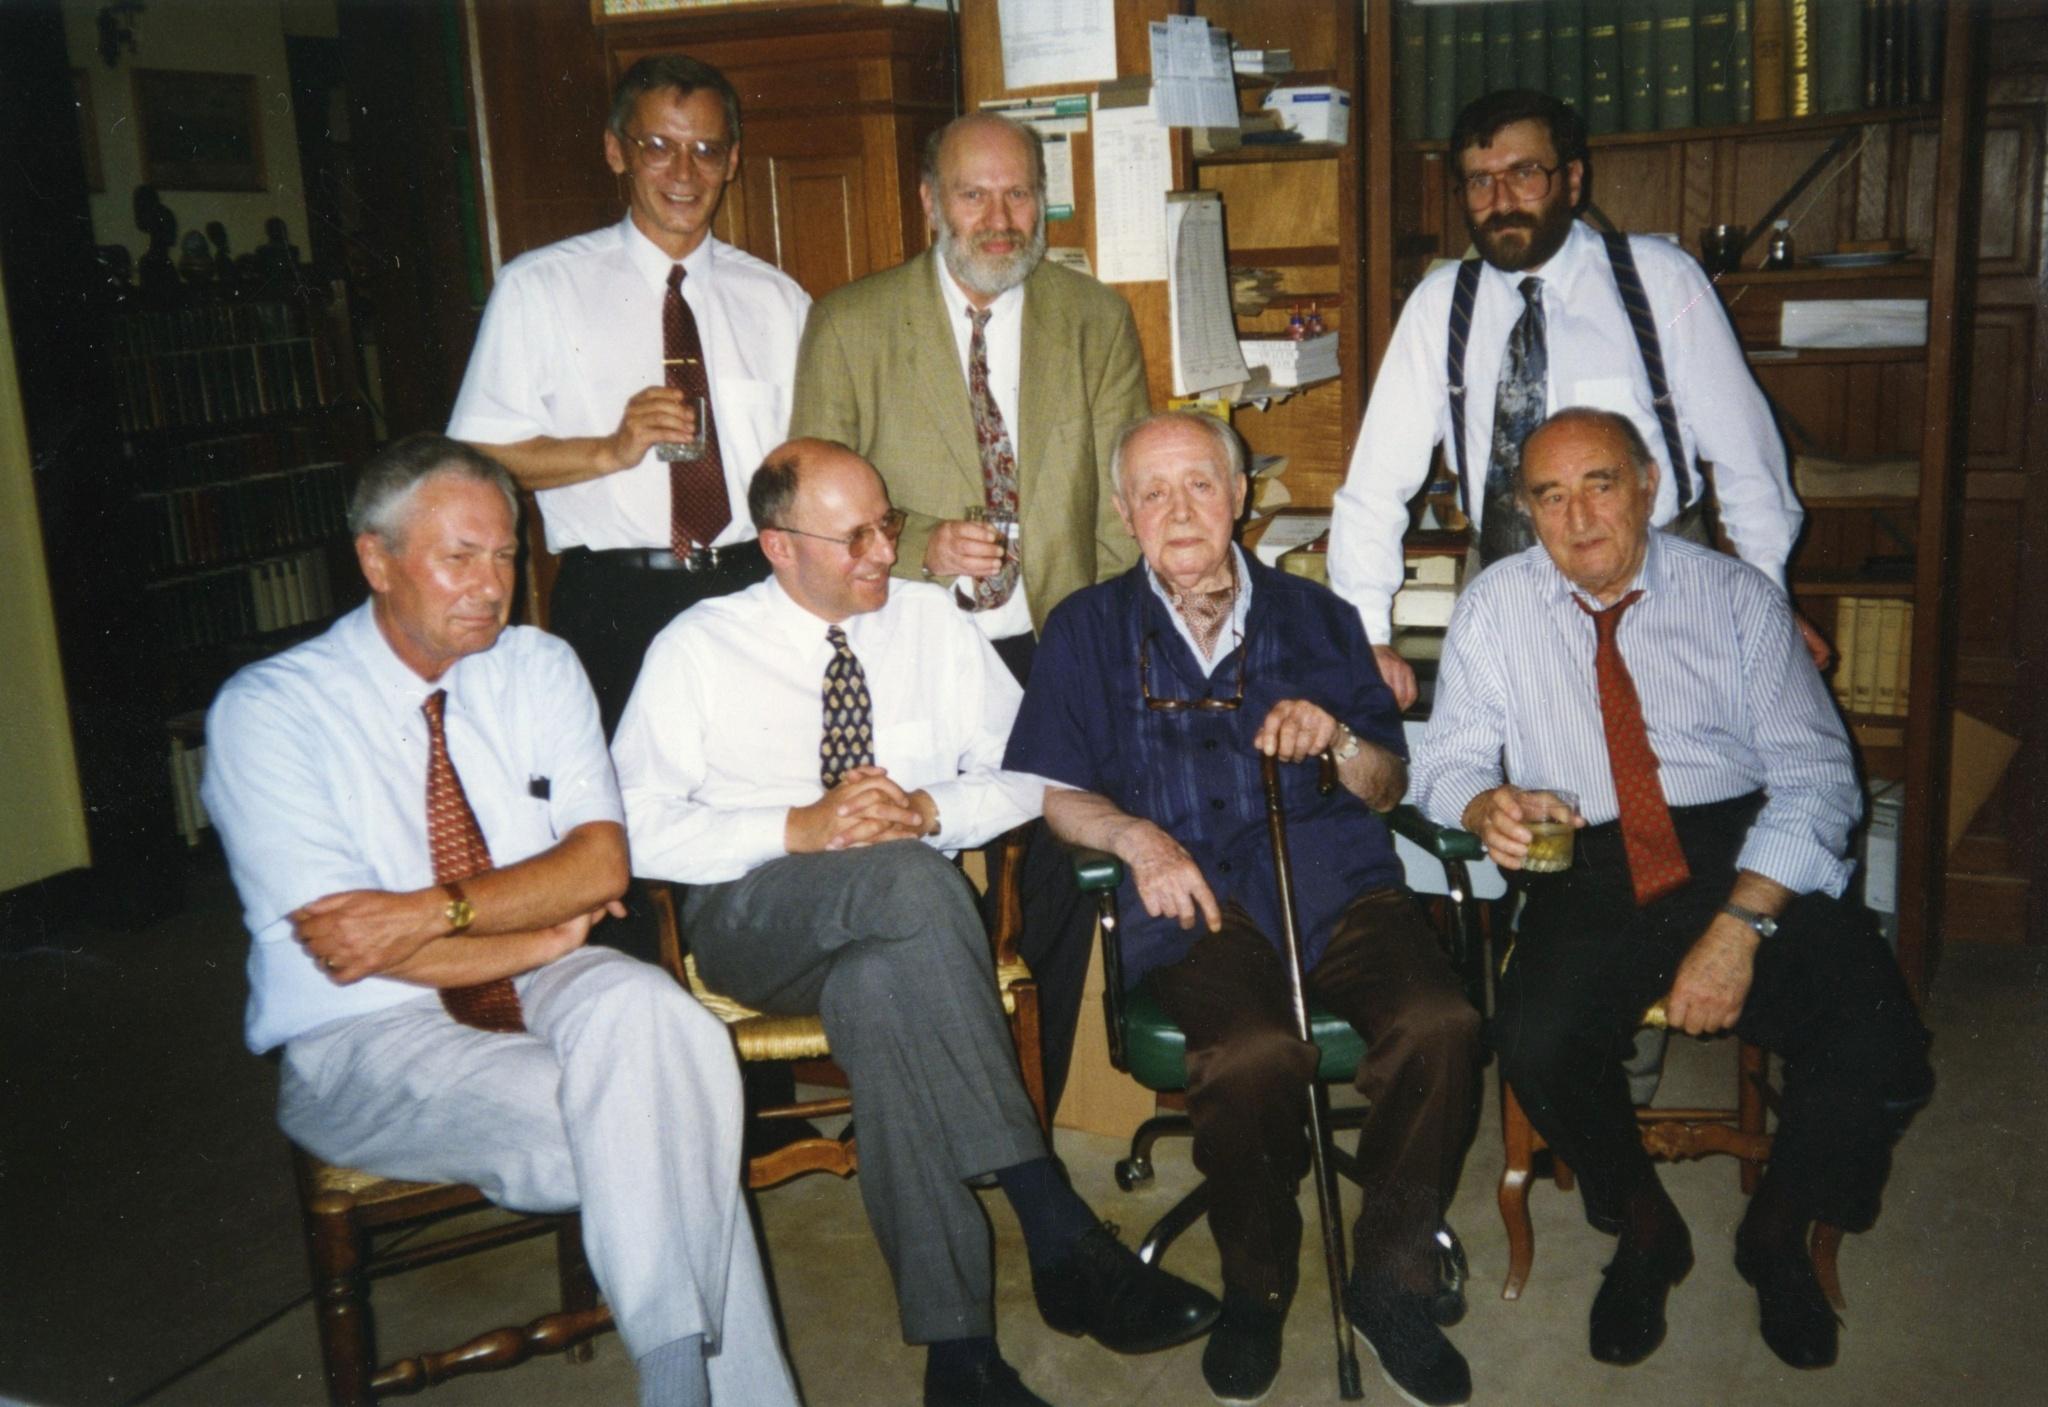 <div class='inner-box'><div class='close-desc'></div><span class='opis'><p>90. urodziny Redaktora. Od lewej siedzą: Wojciech Skalmowski, Czesław Bielecki, Jerzy Giedroyc i Leopold Unger; od lewej stoją: Marek Krawczyk, Ludwik Lewin i Marek Karp.</p></span><div class='clearfix'></div><span>Sygn. FIL01432</span><div class='clearfix'></div><span>© Instytut Literacki</span></div>